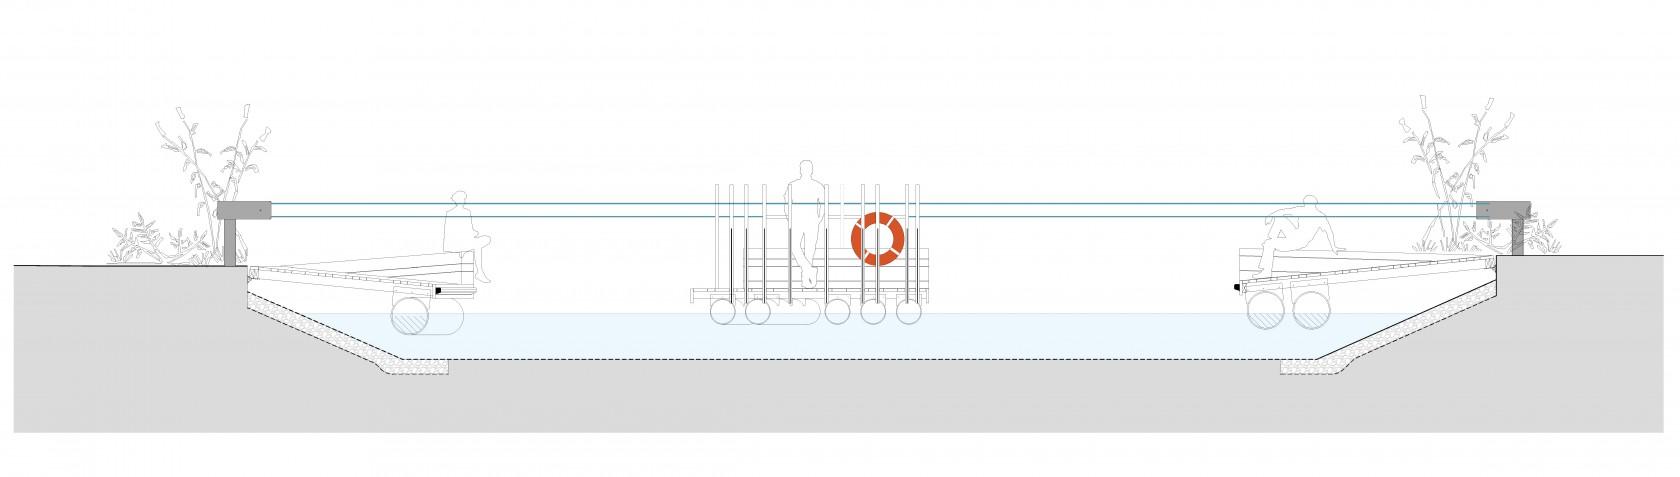 Abscis Architecten - snede voetgangersveer en oevers